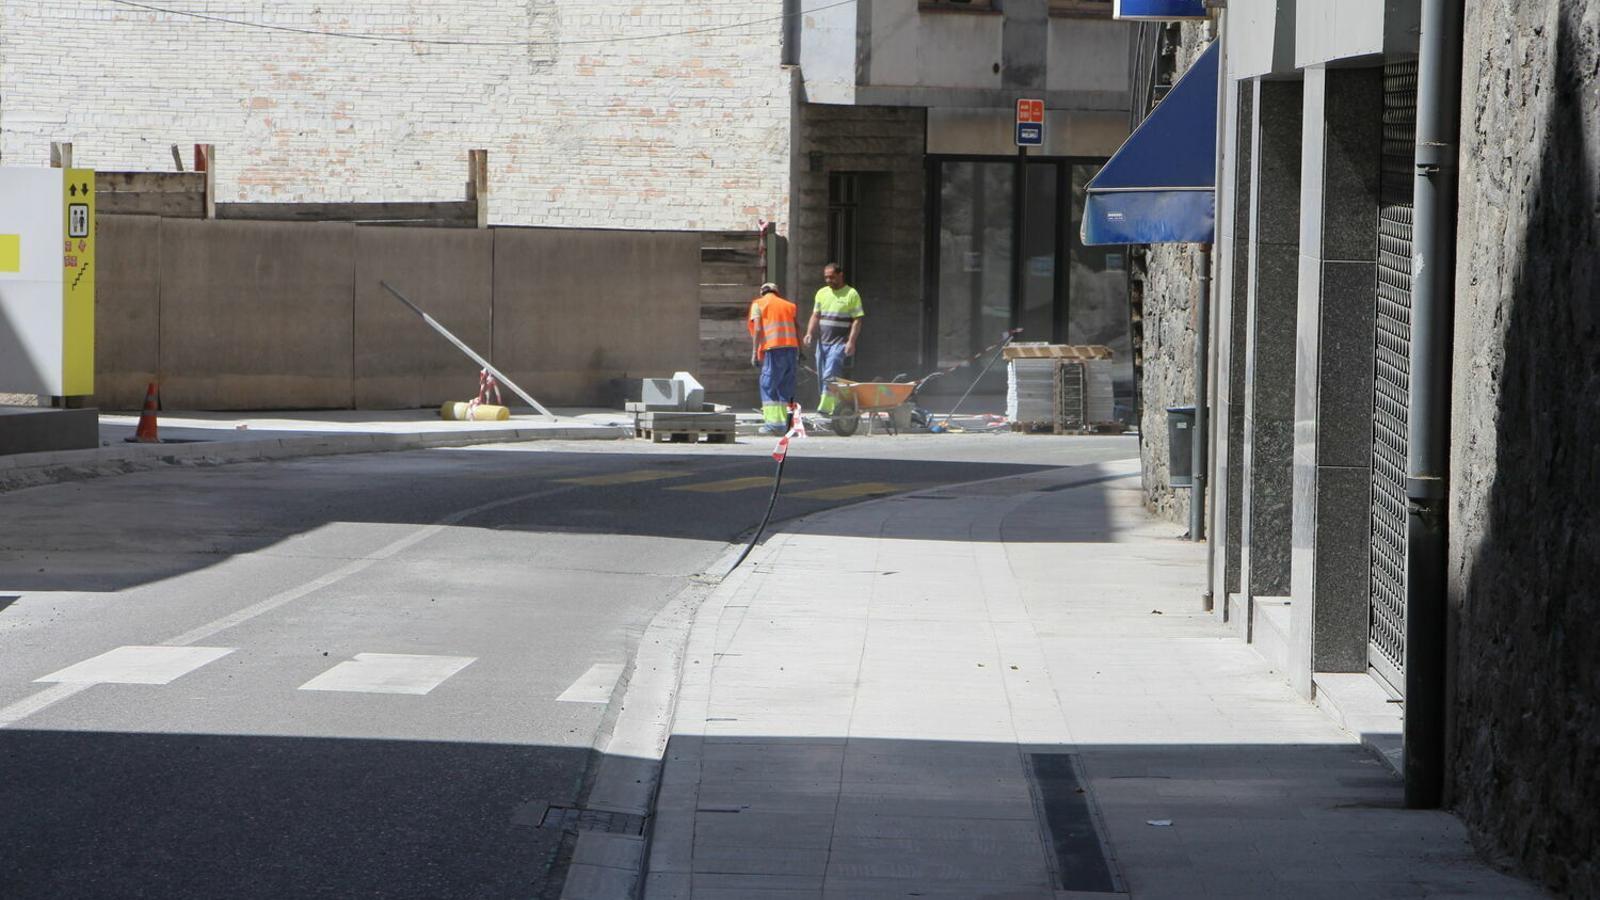 Tram de l'avinguda Princep Benlloch afectada per les obres. / M. R. F. (ANA)